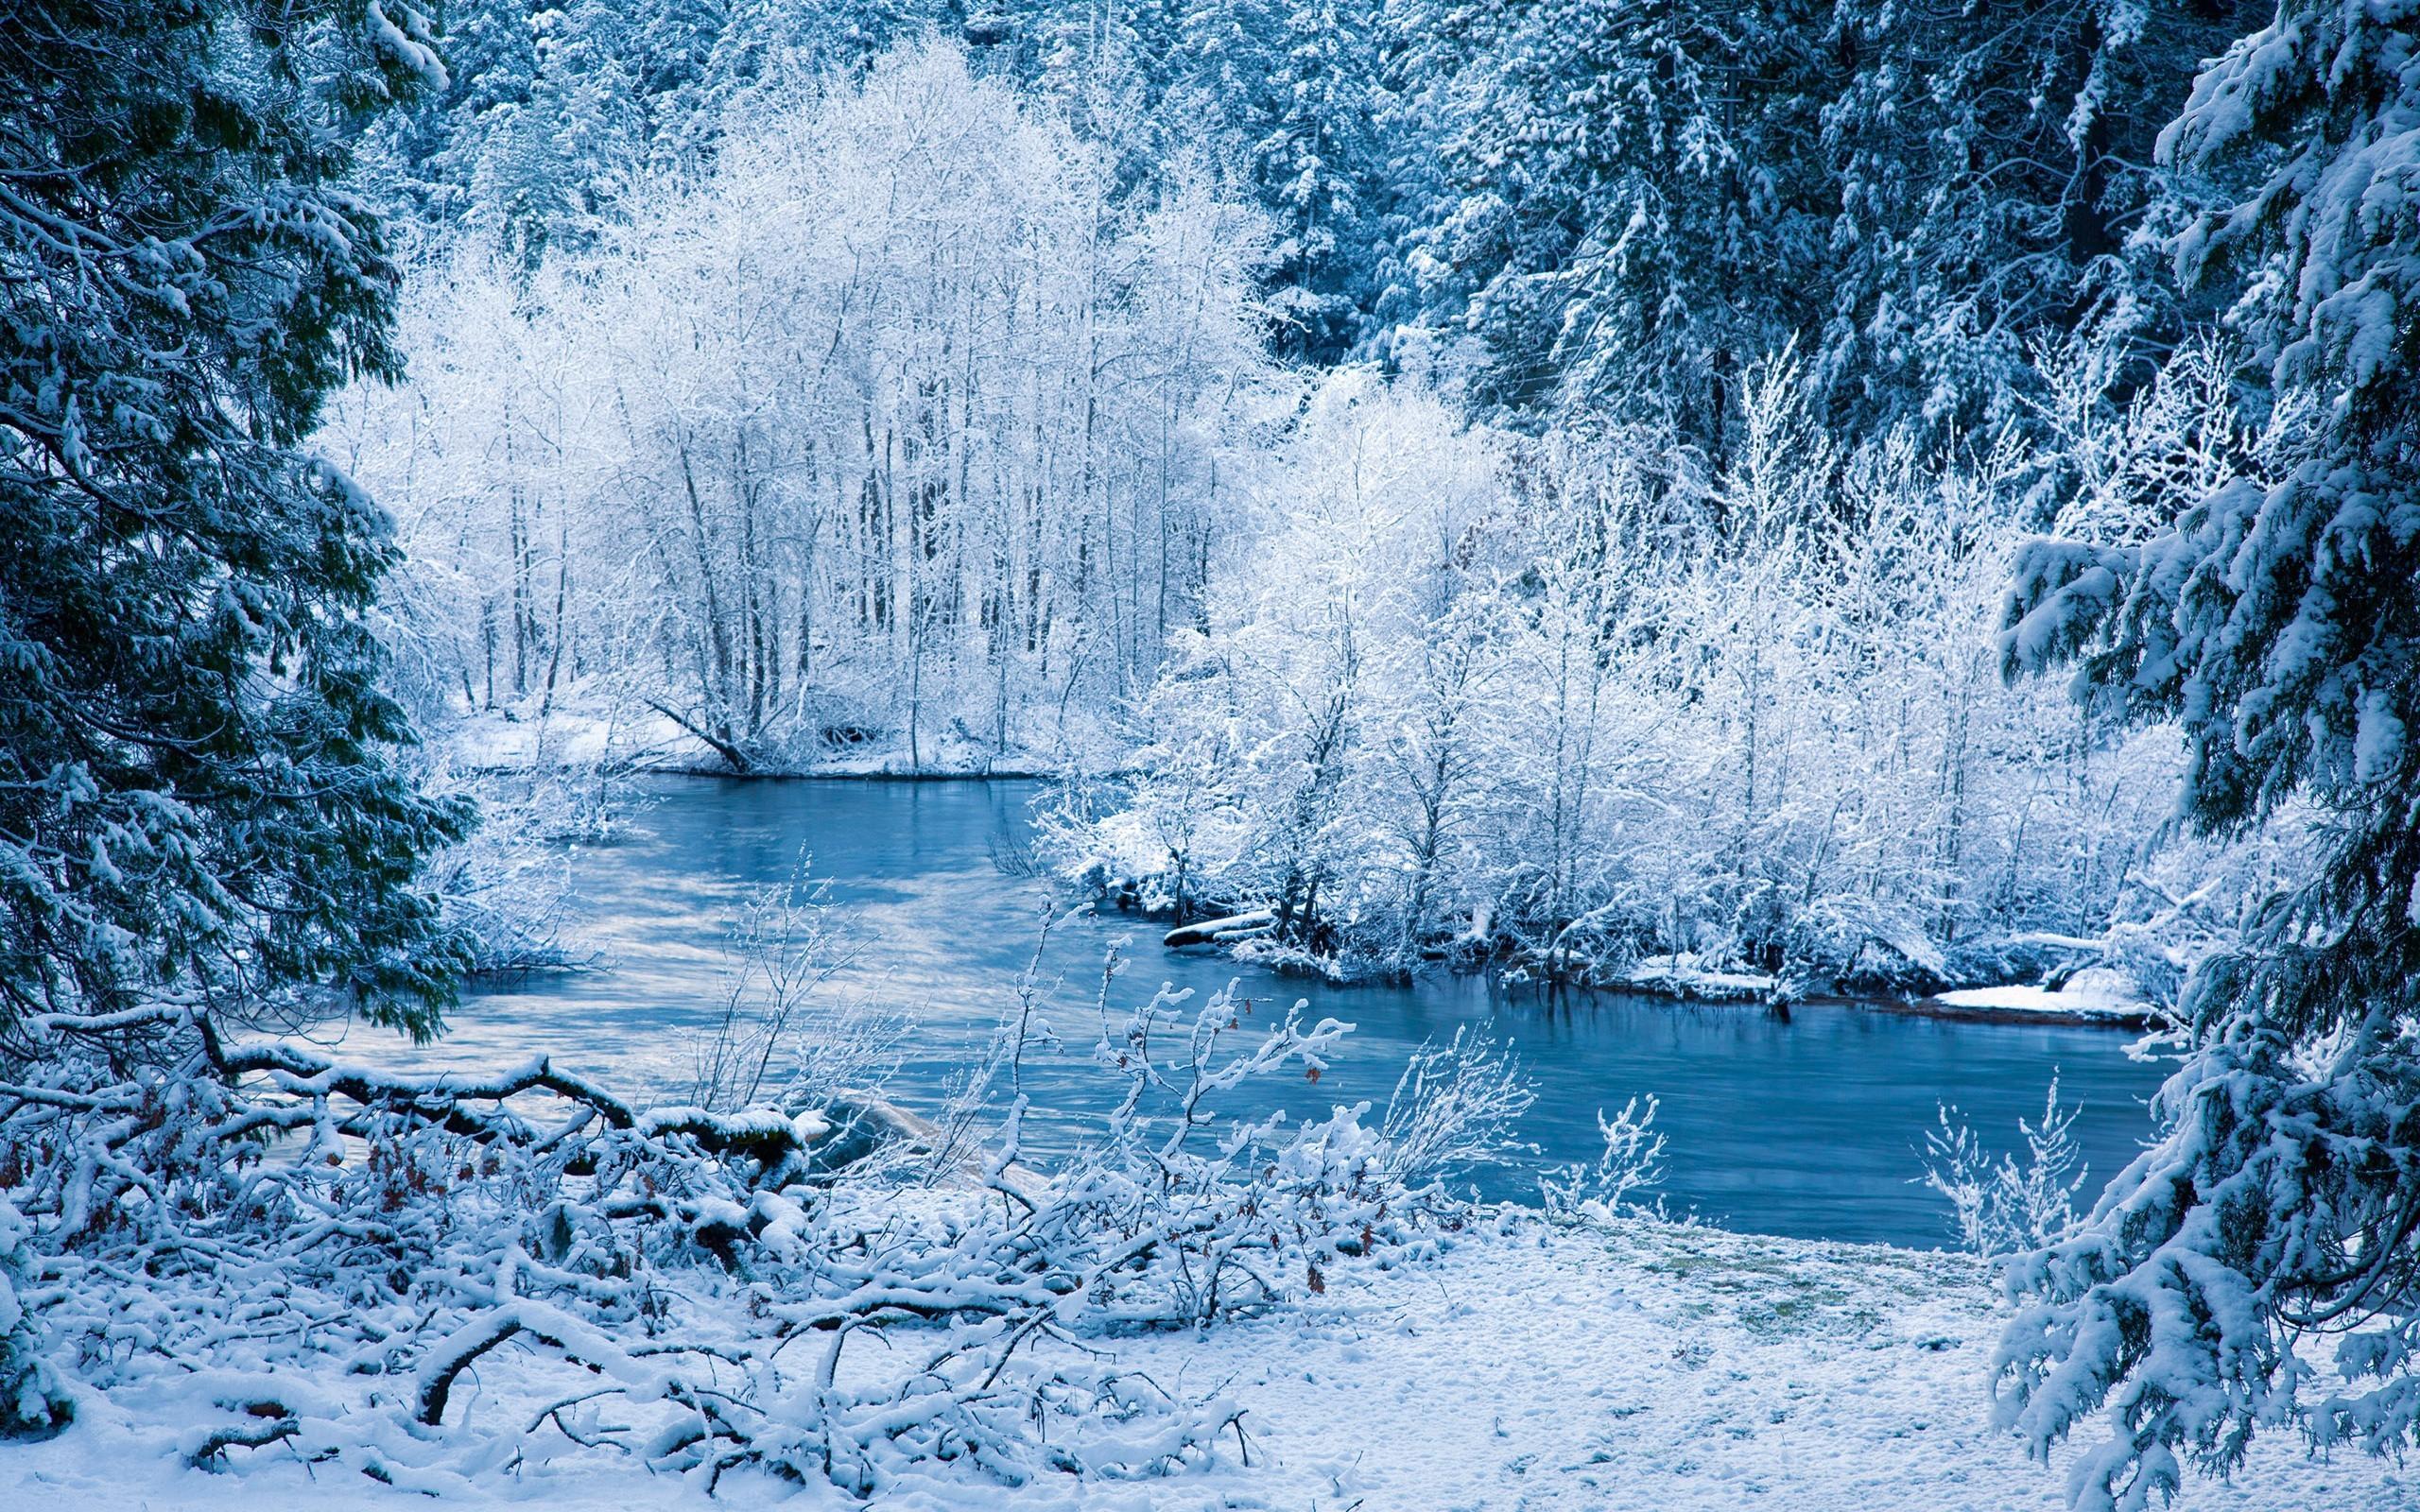 фотографии с зимними пейзажами фото птичку сих